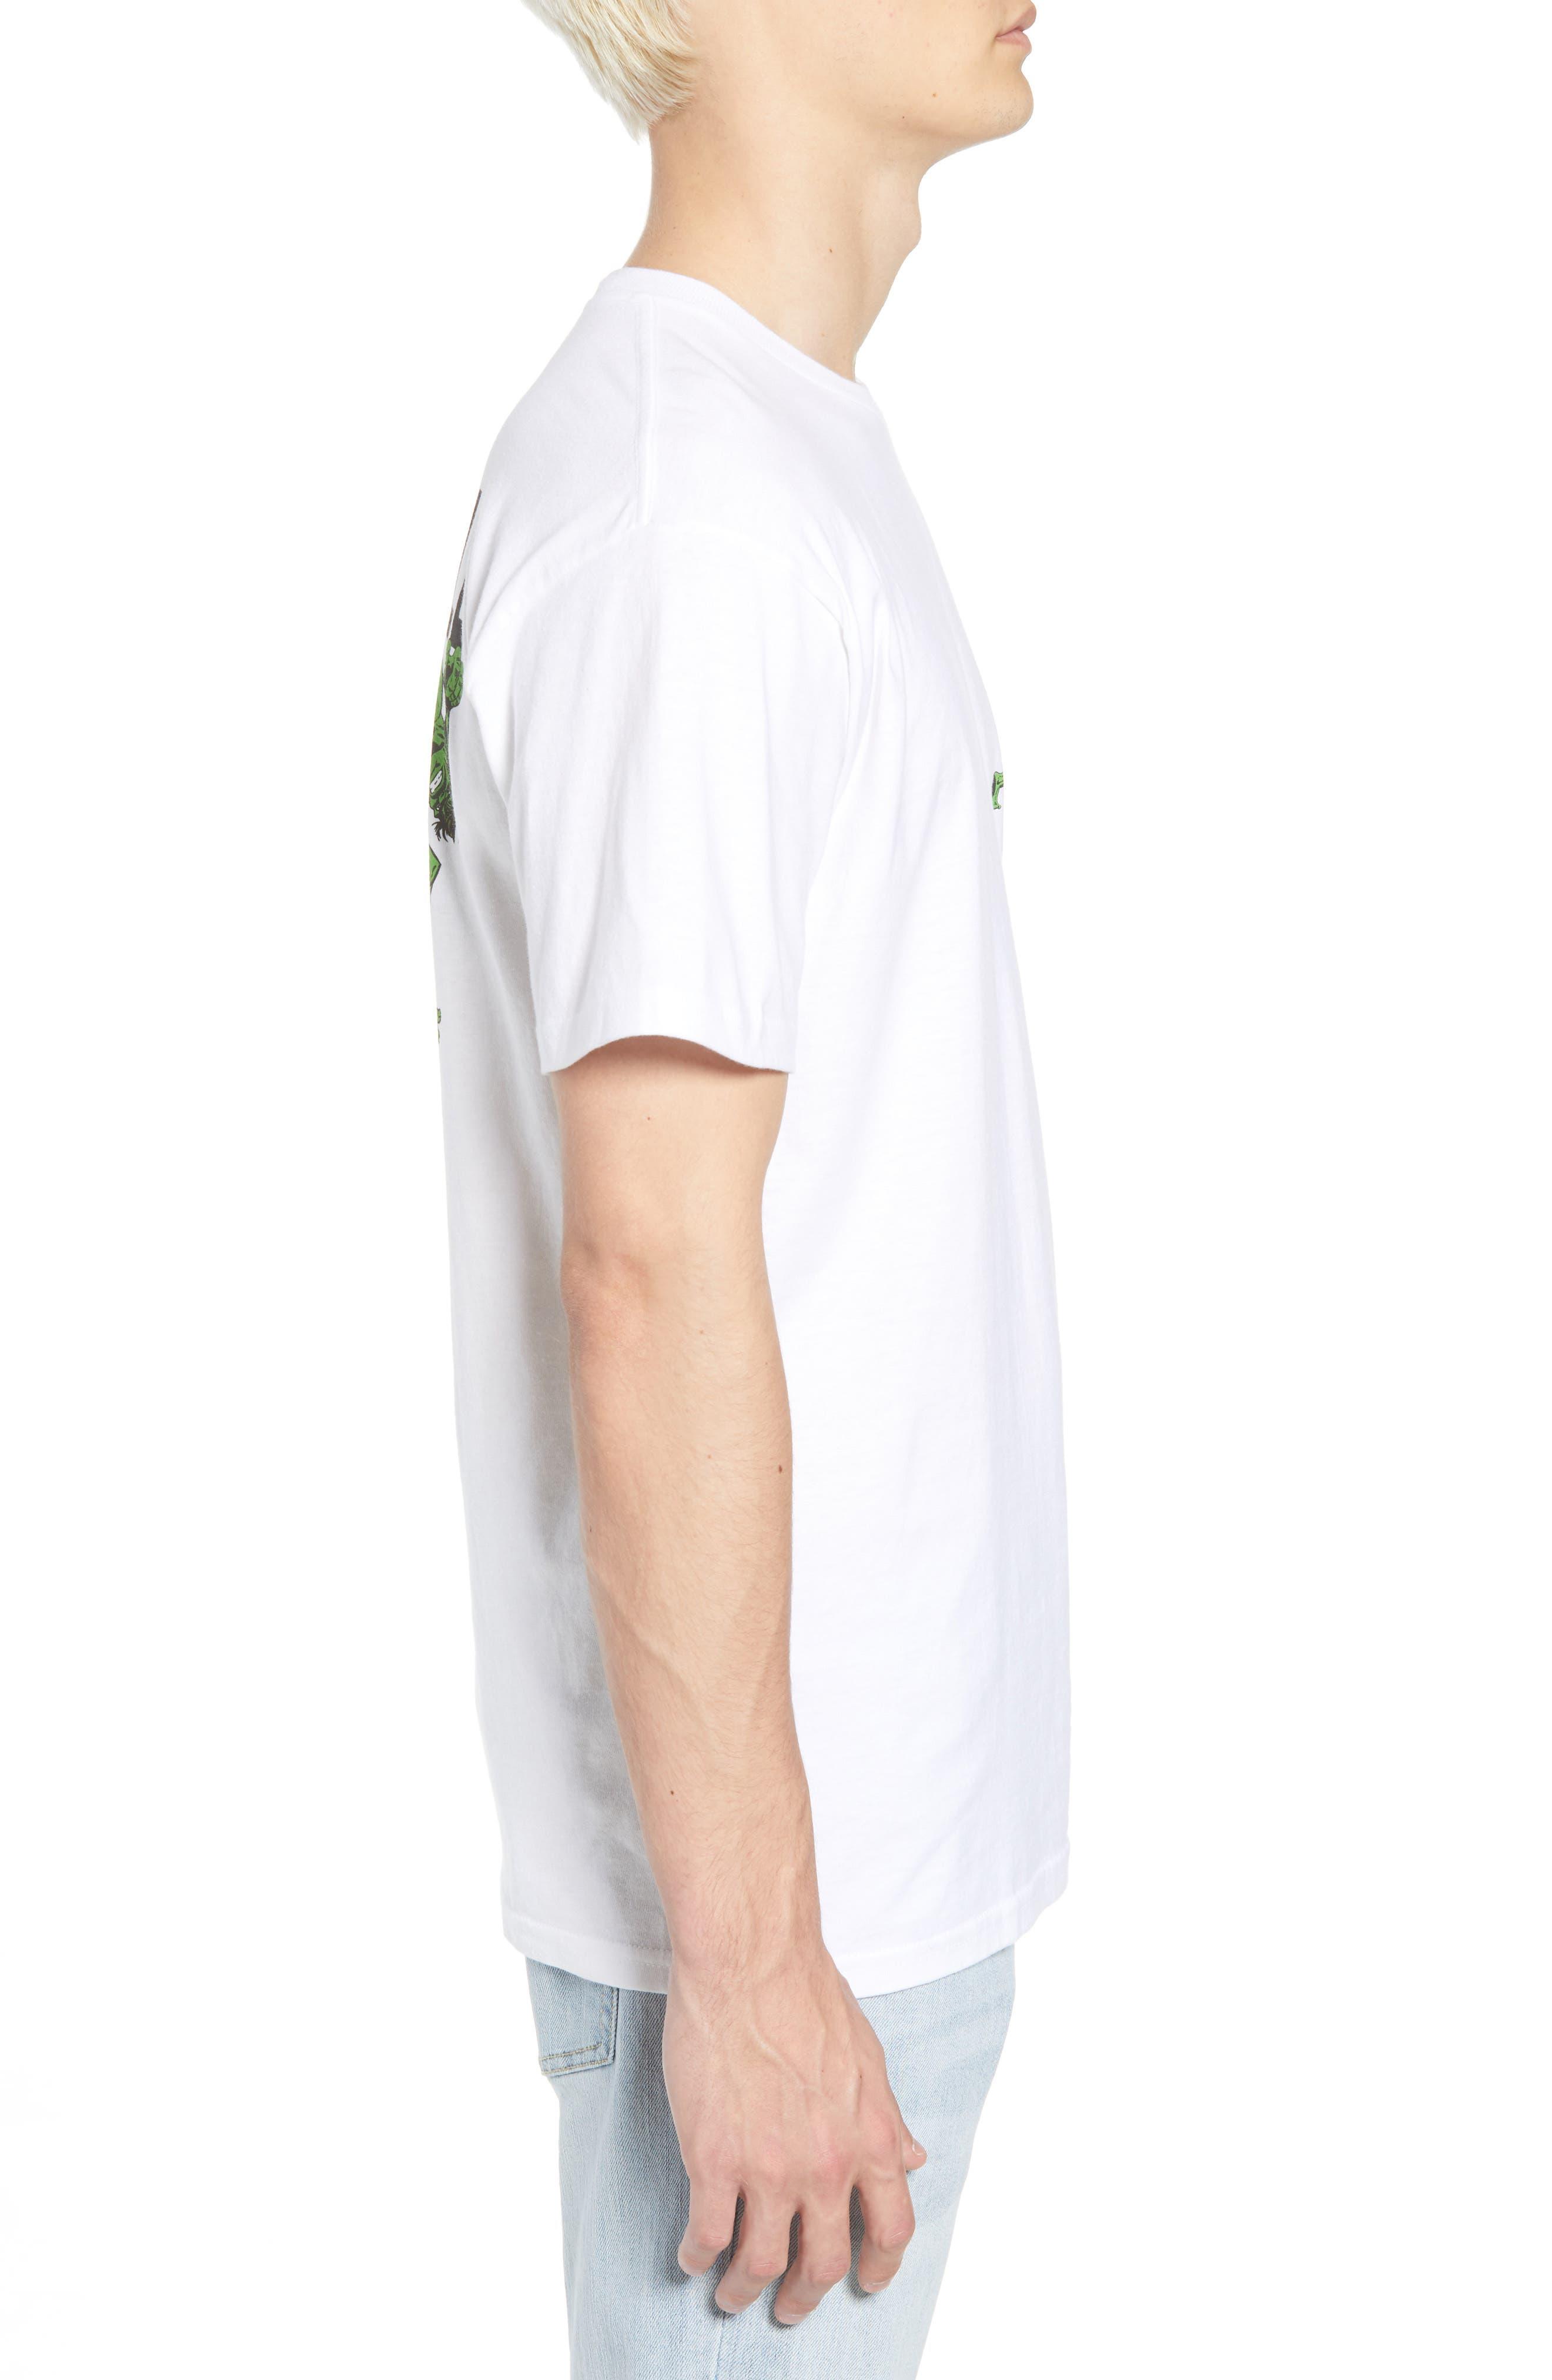 x Marvel<sup>®</sup> Hulk T-Shirt,                             Alternate thumbnail 3, color,                             White